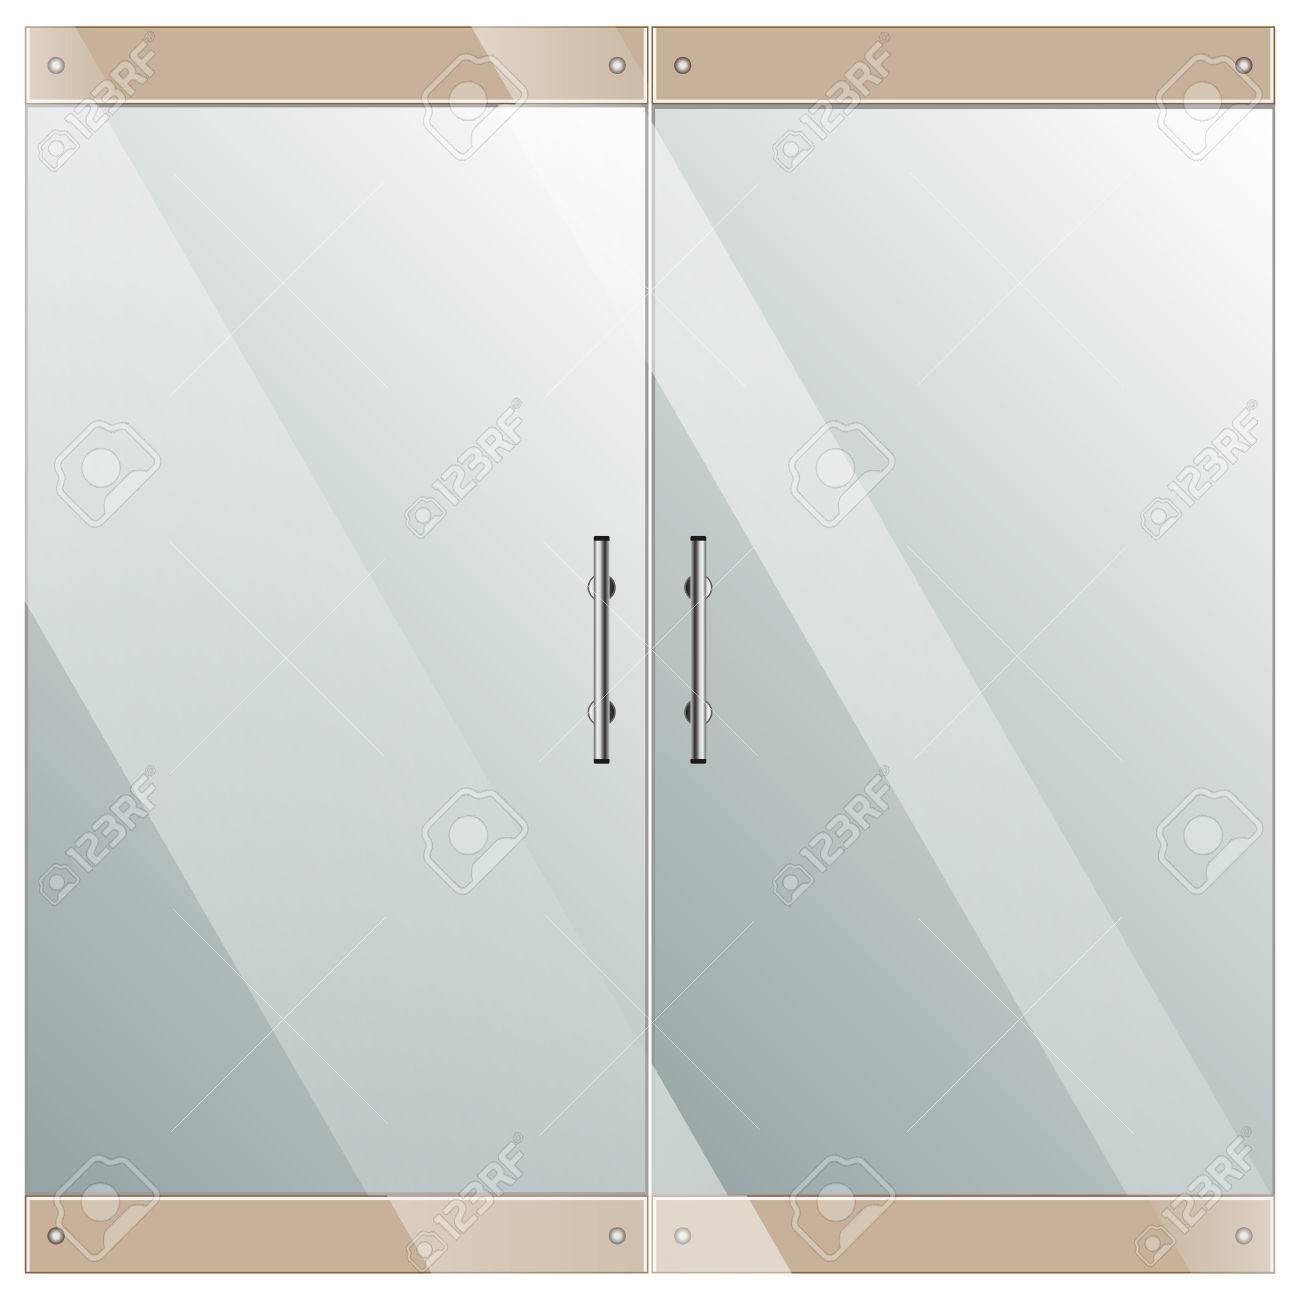 Transparente Glastür Isoliert Auf Weißem Hintergrund Lizenzfreie ...